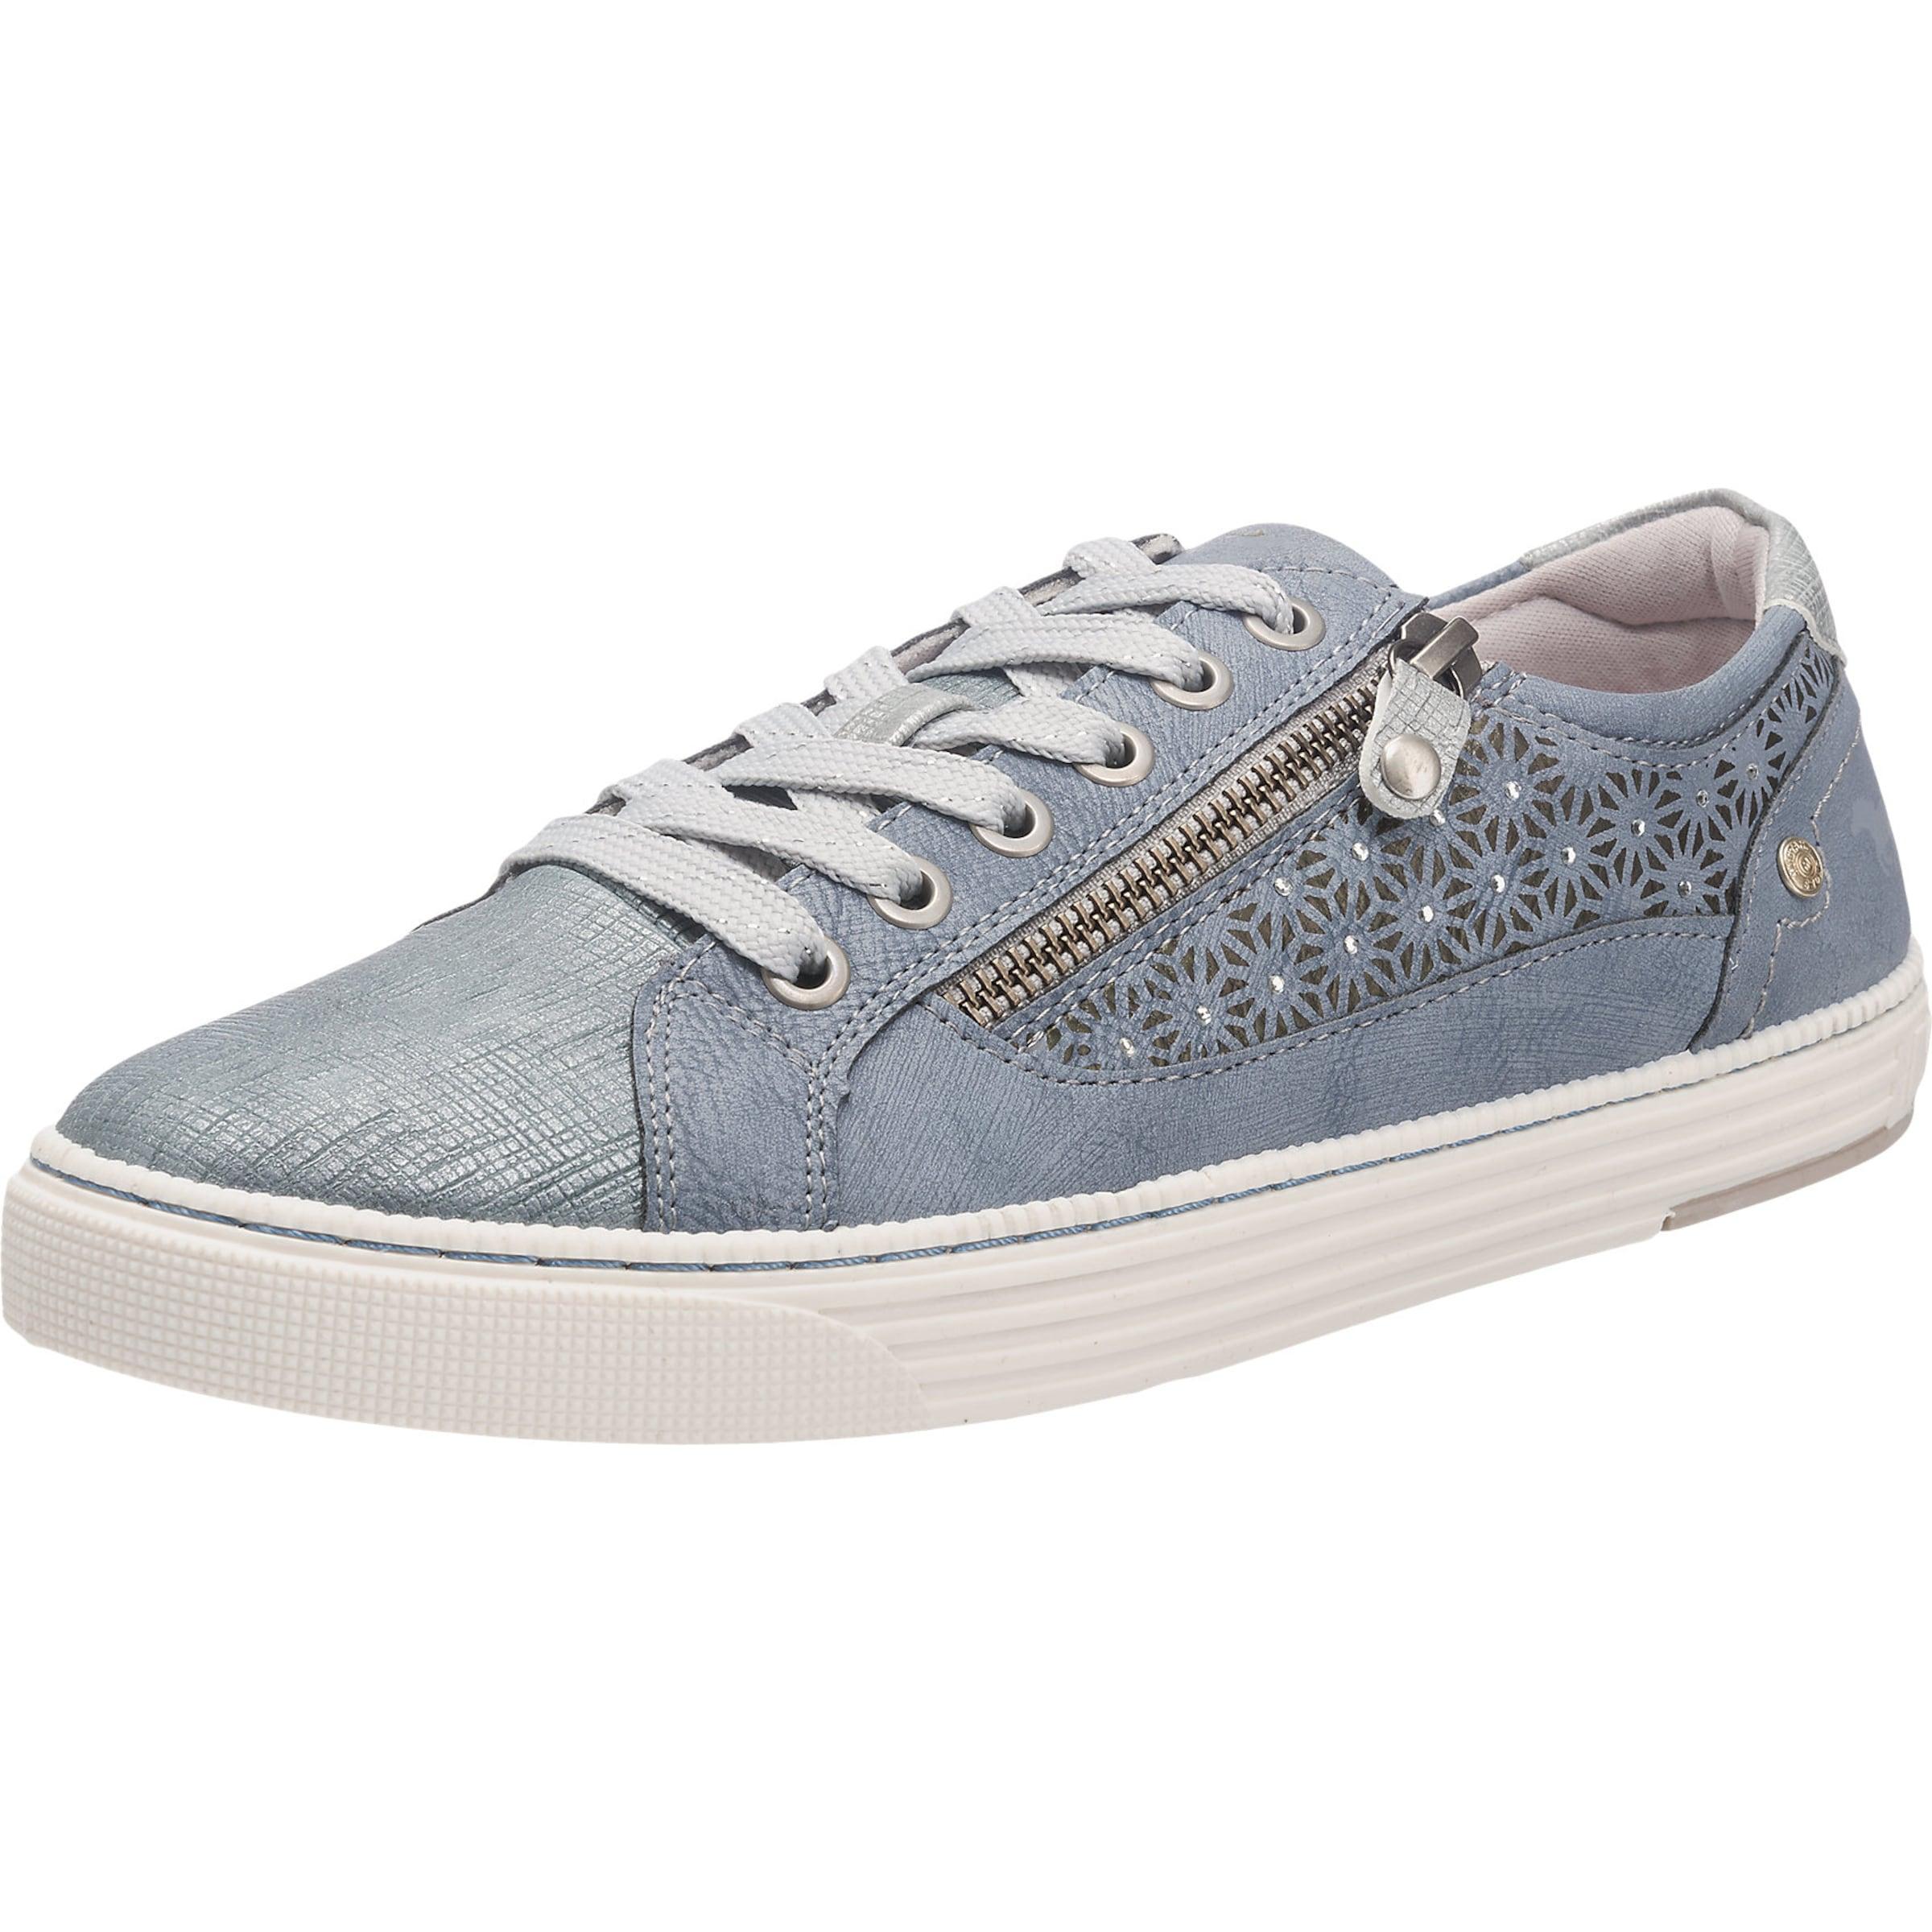 MUSTANG Sneaker mit Strass Verschleißfeste billige Schuhe